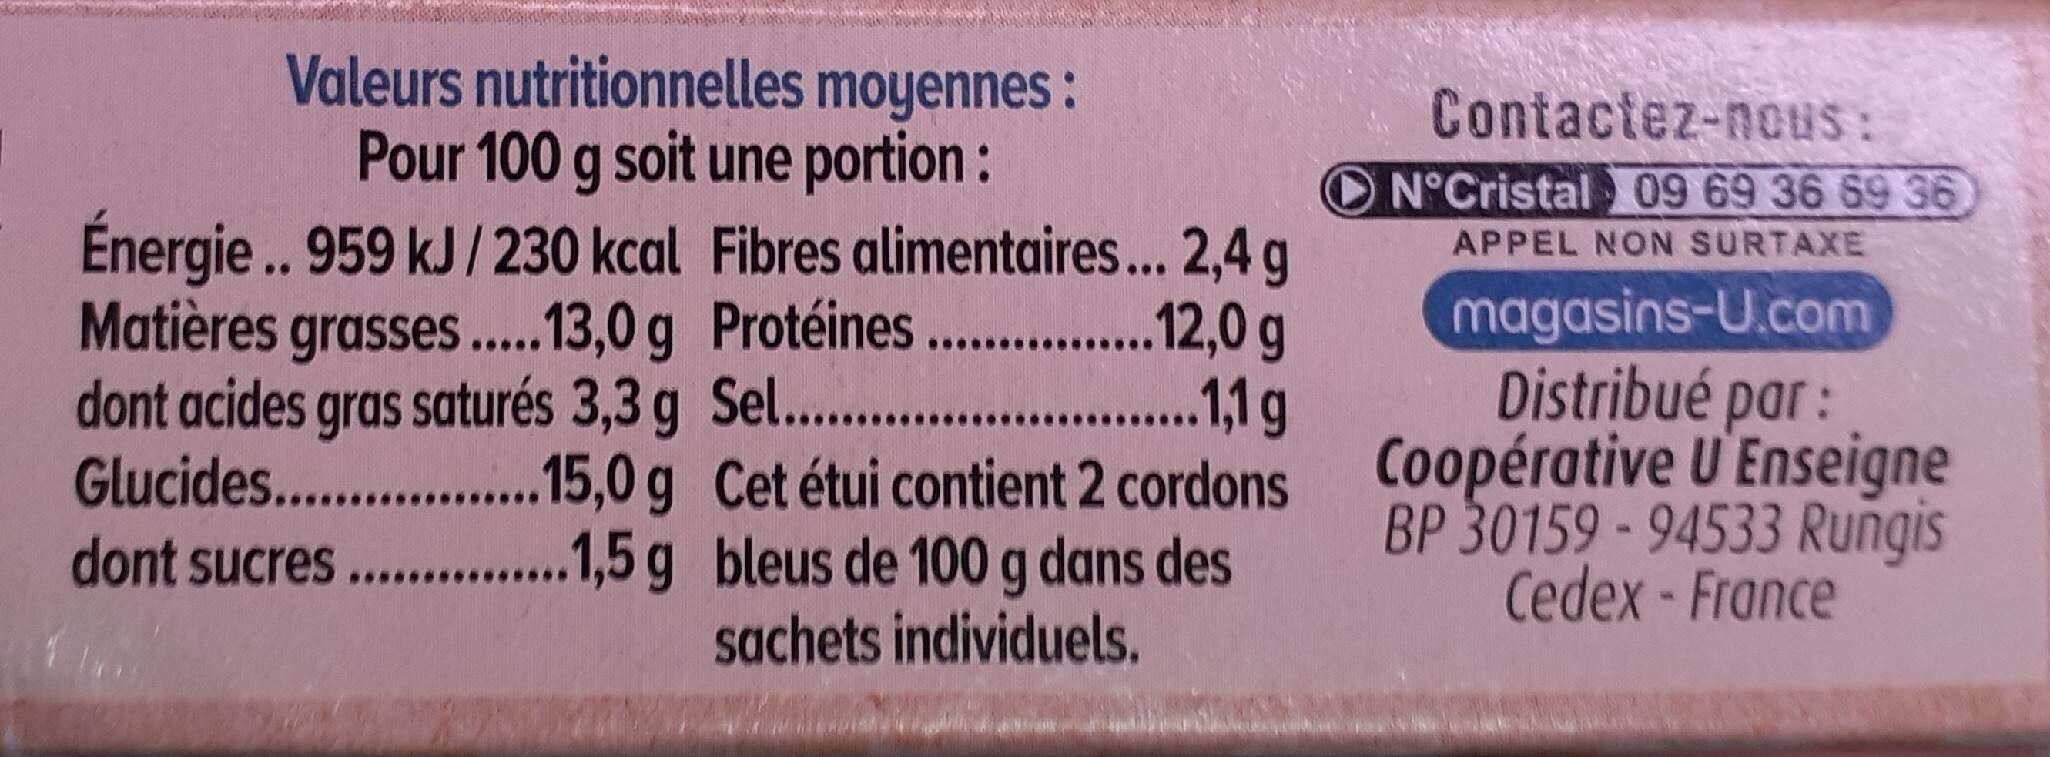 Cordon bleu de dinde - Informations nutritionnelles - fr